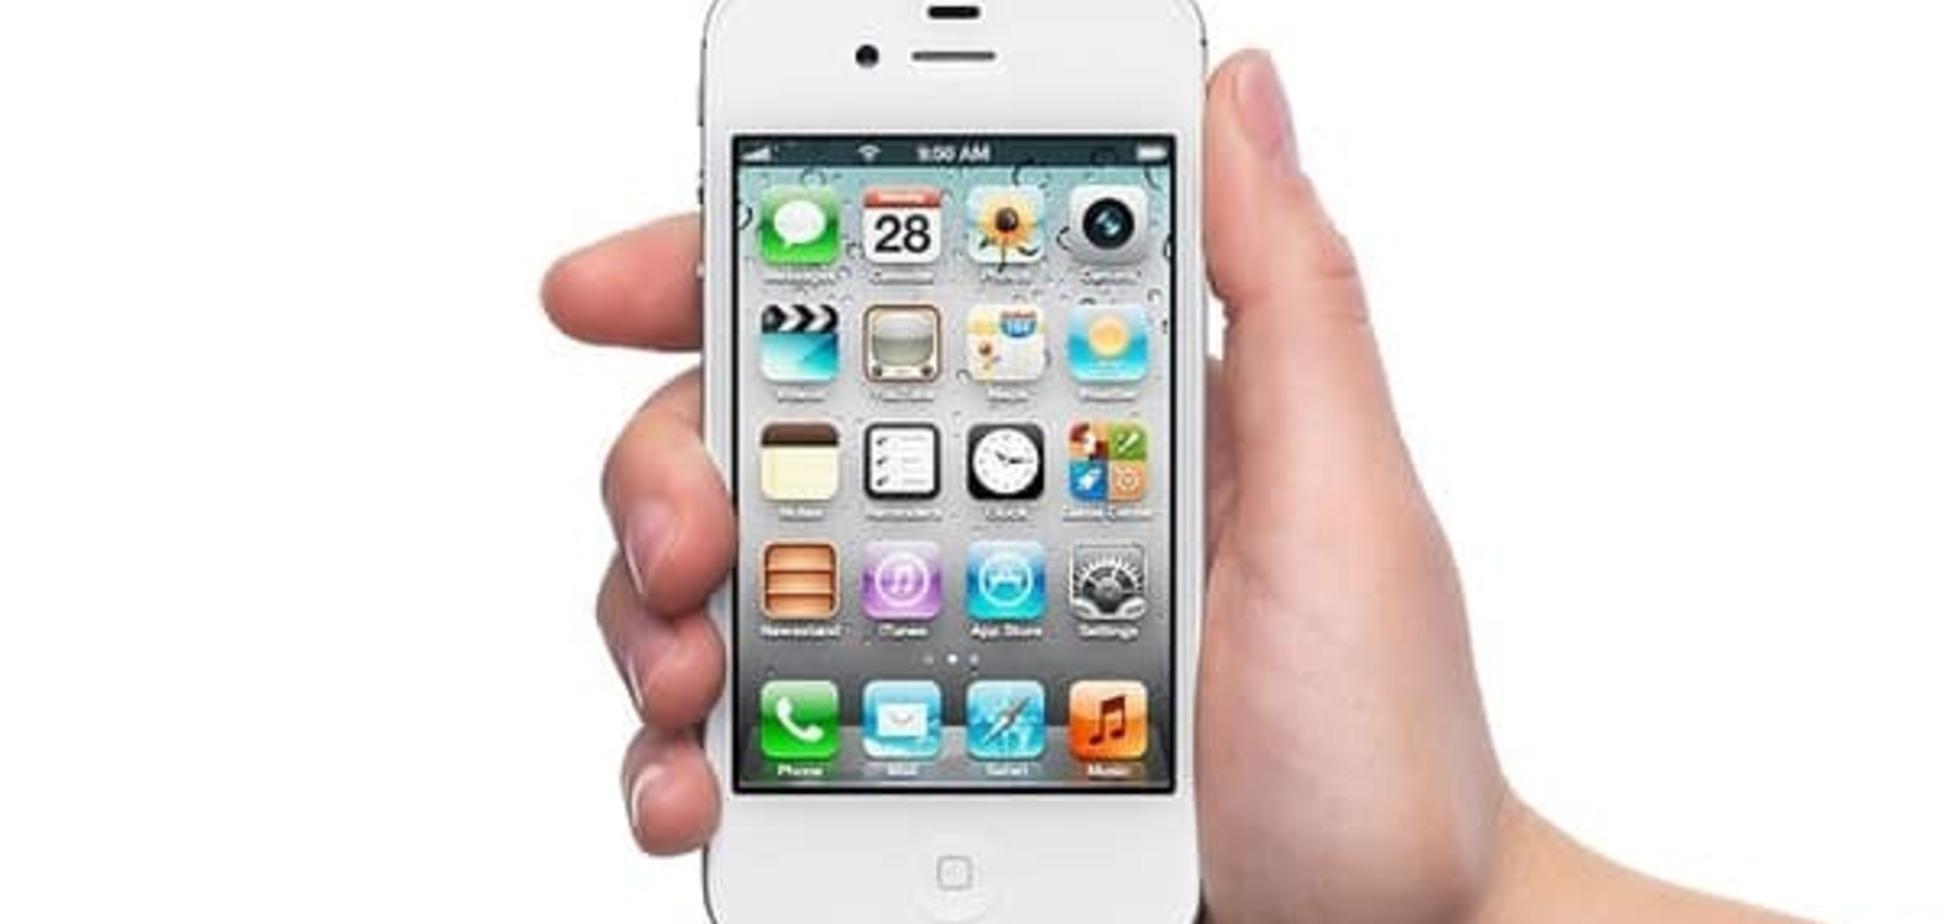 Даешь 146% голосов: в России за участие в выборах дарят iPhone